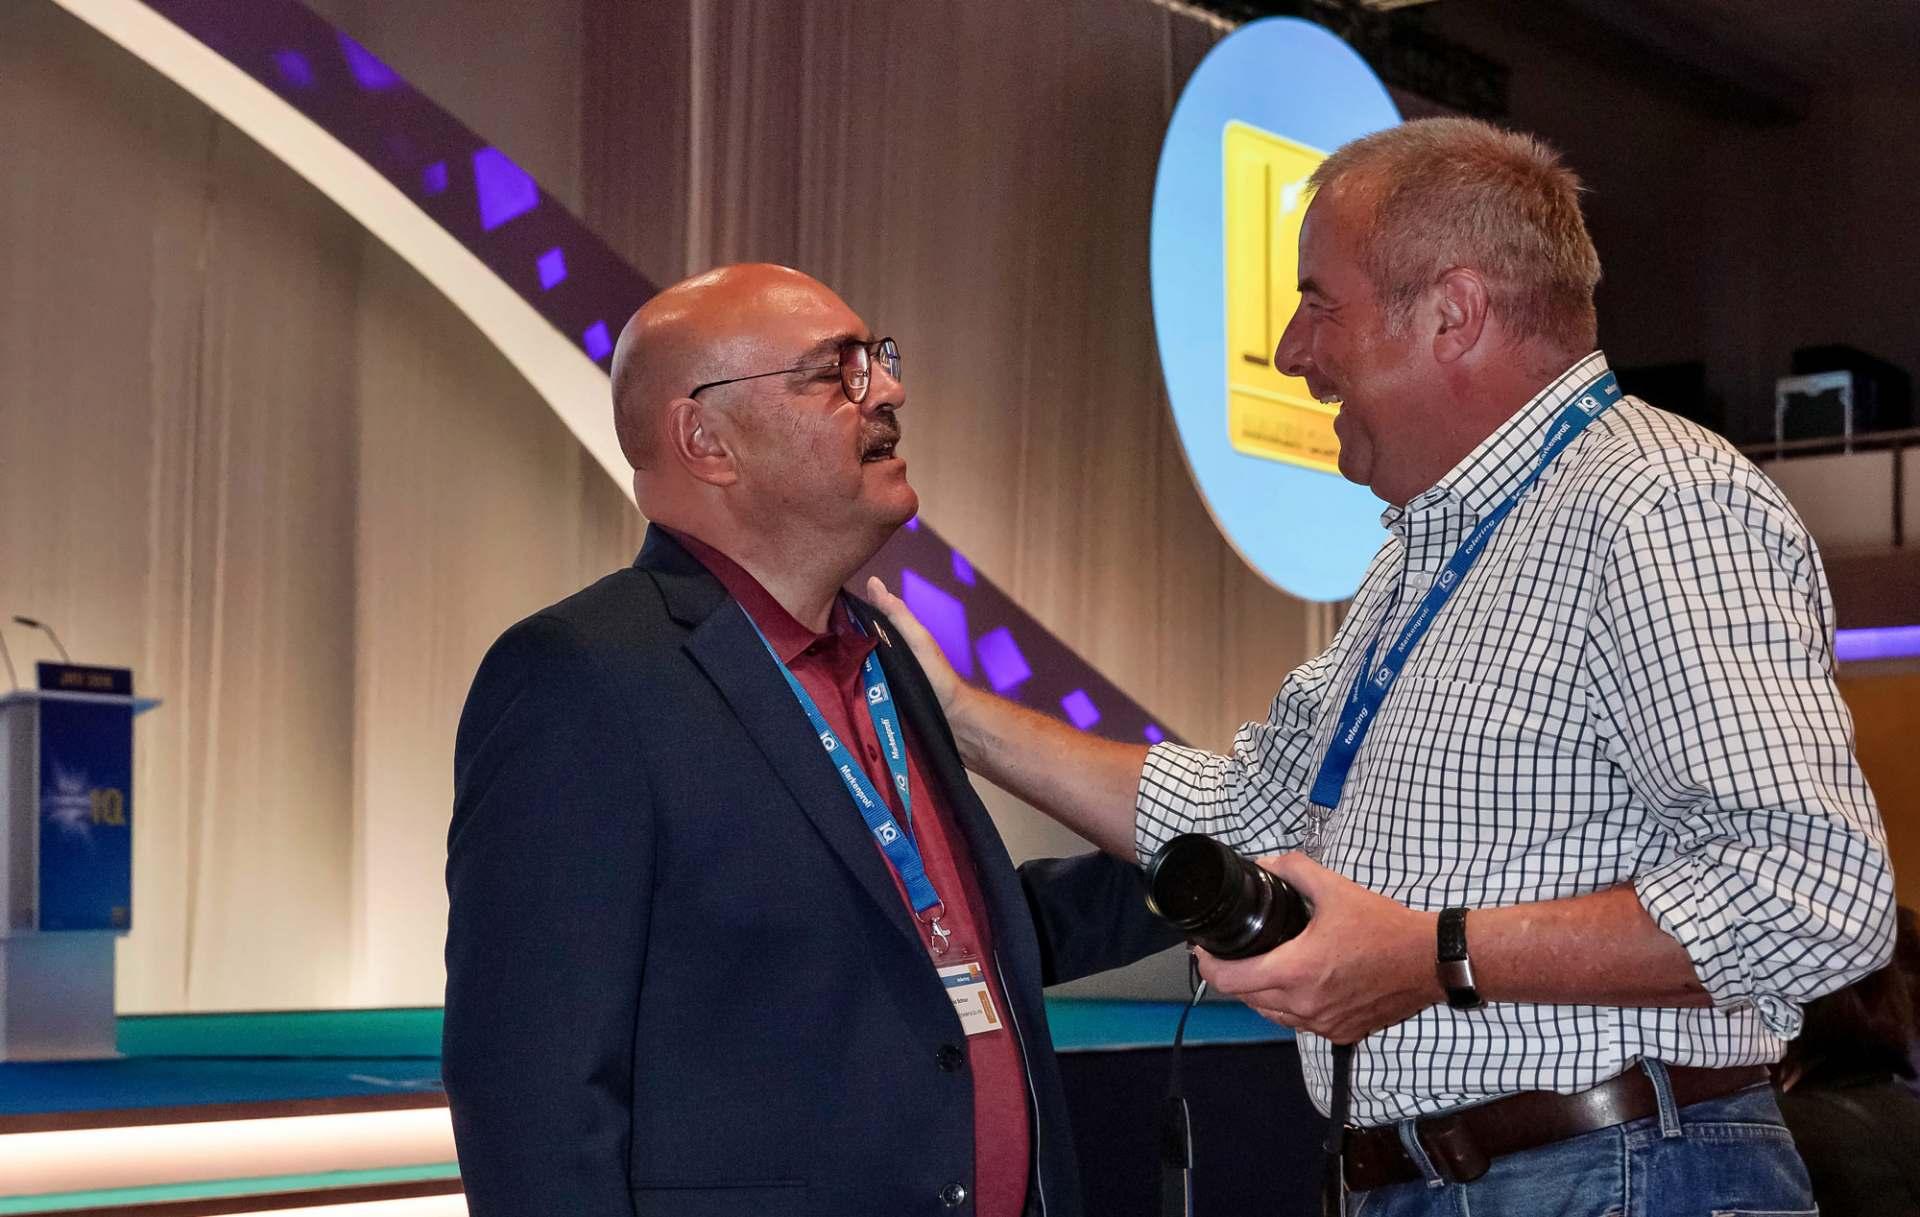 Franz Schnur und Gabriel Wagner (rechts) im Gespräch auf der Jahreshauptversammlung von telering 2018 in Berlin.